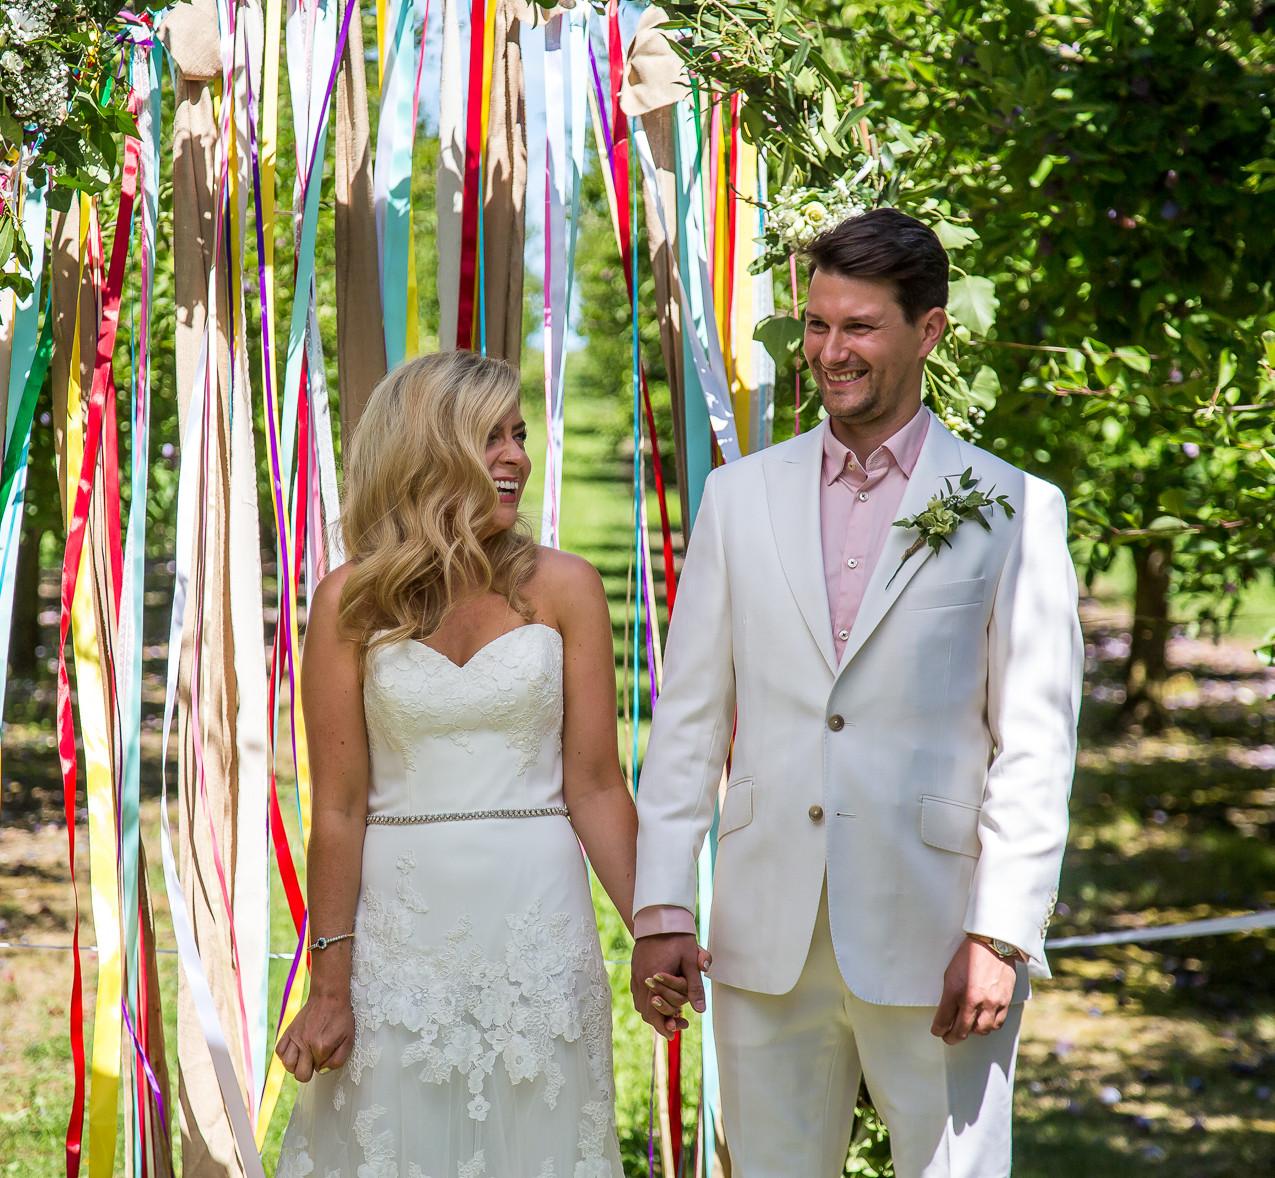 Bonne fete wedding ceremony